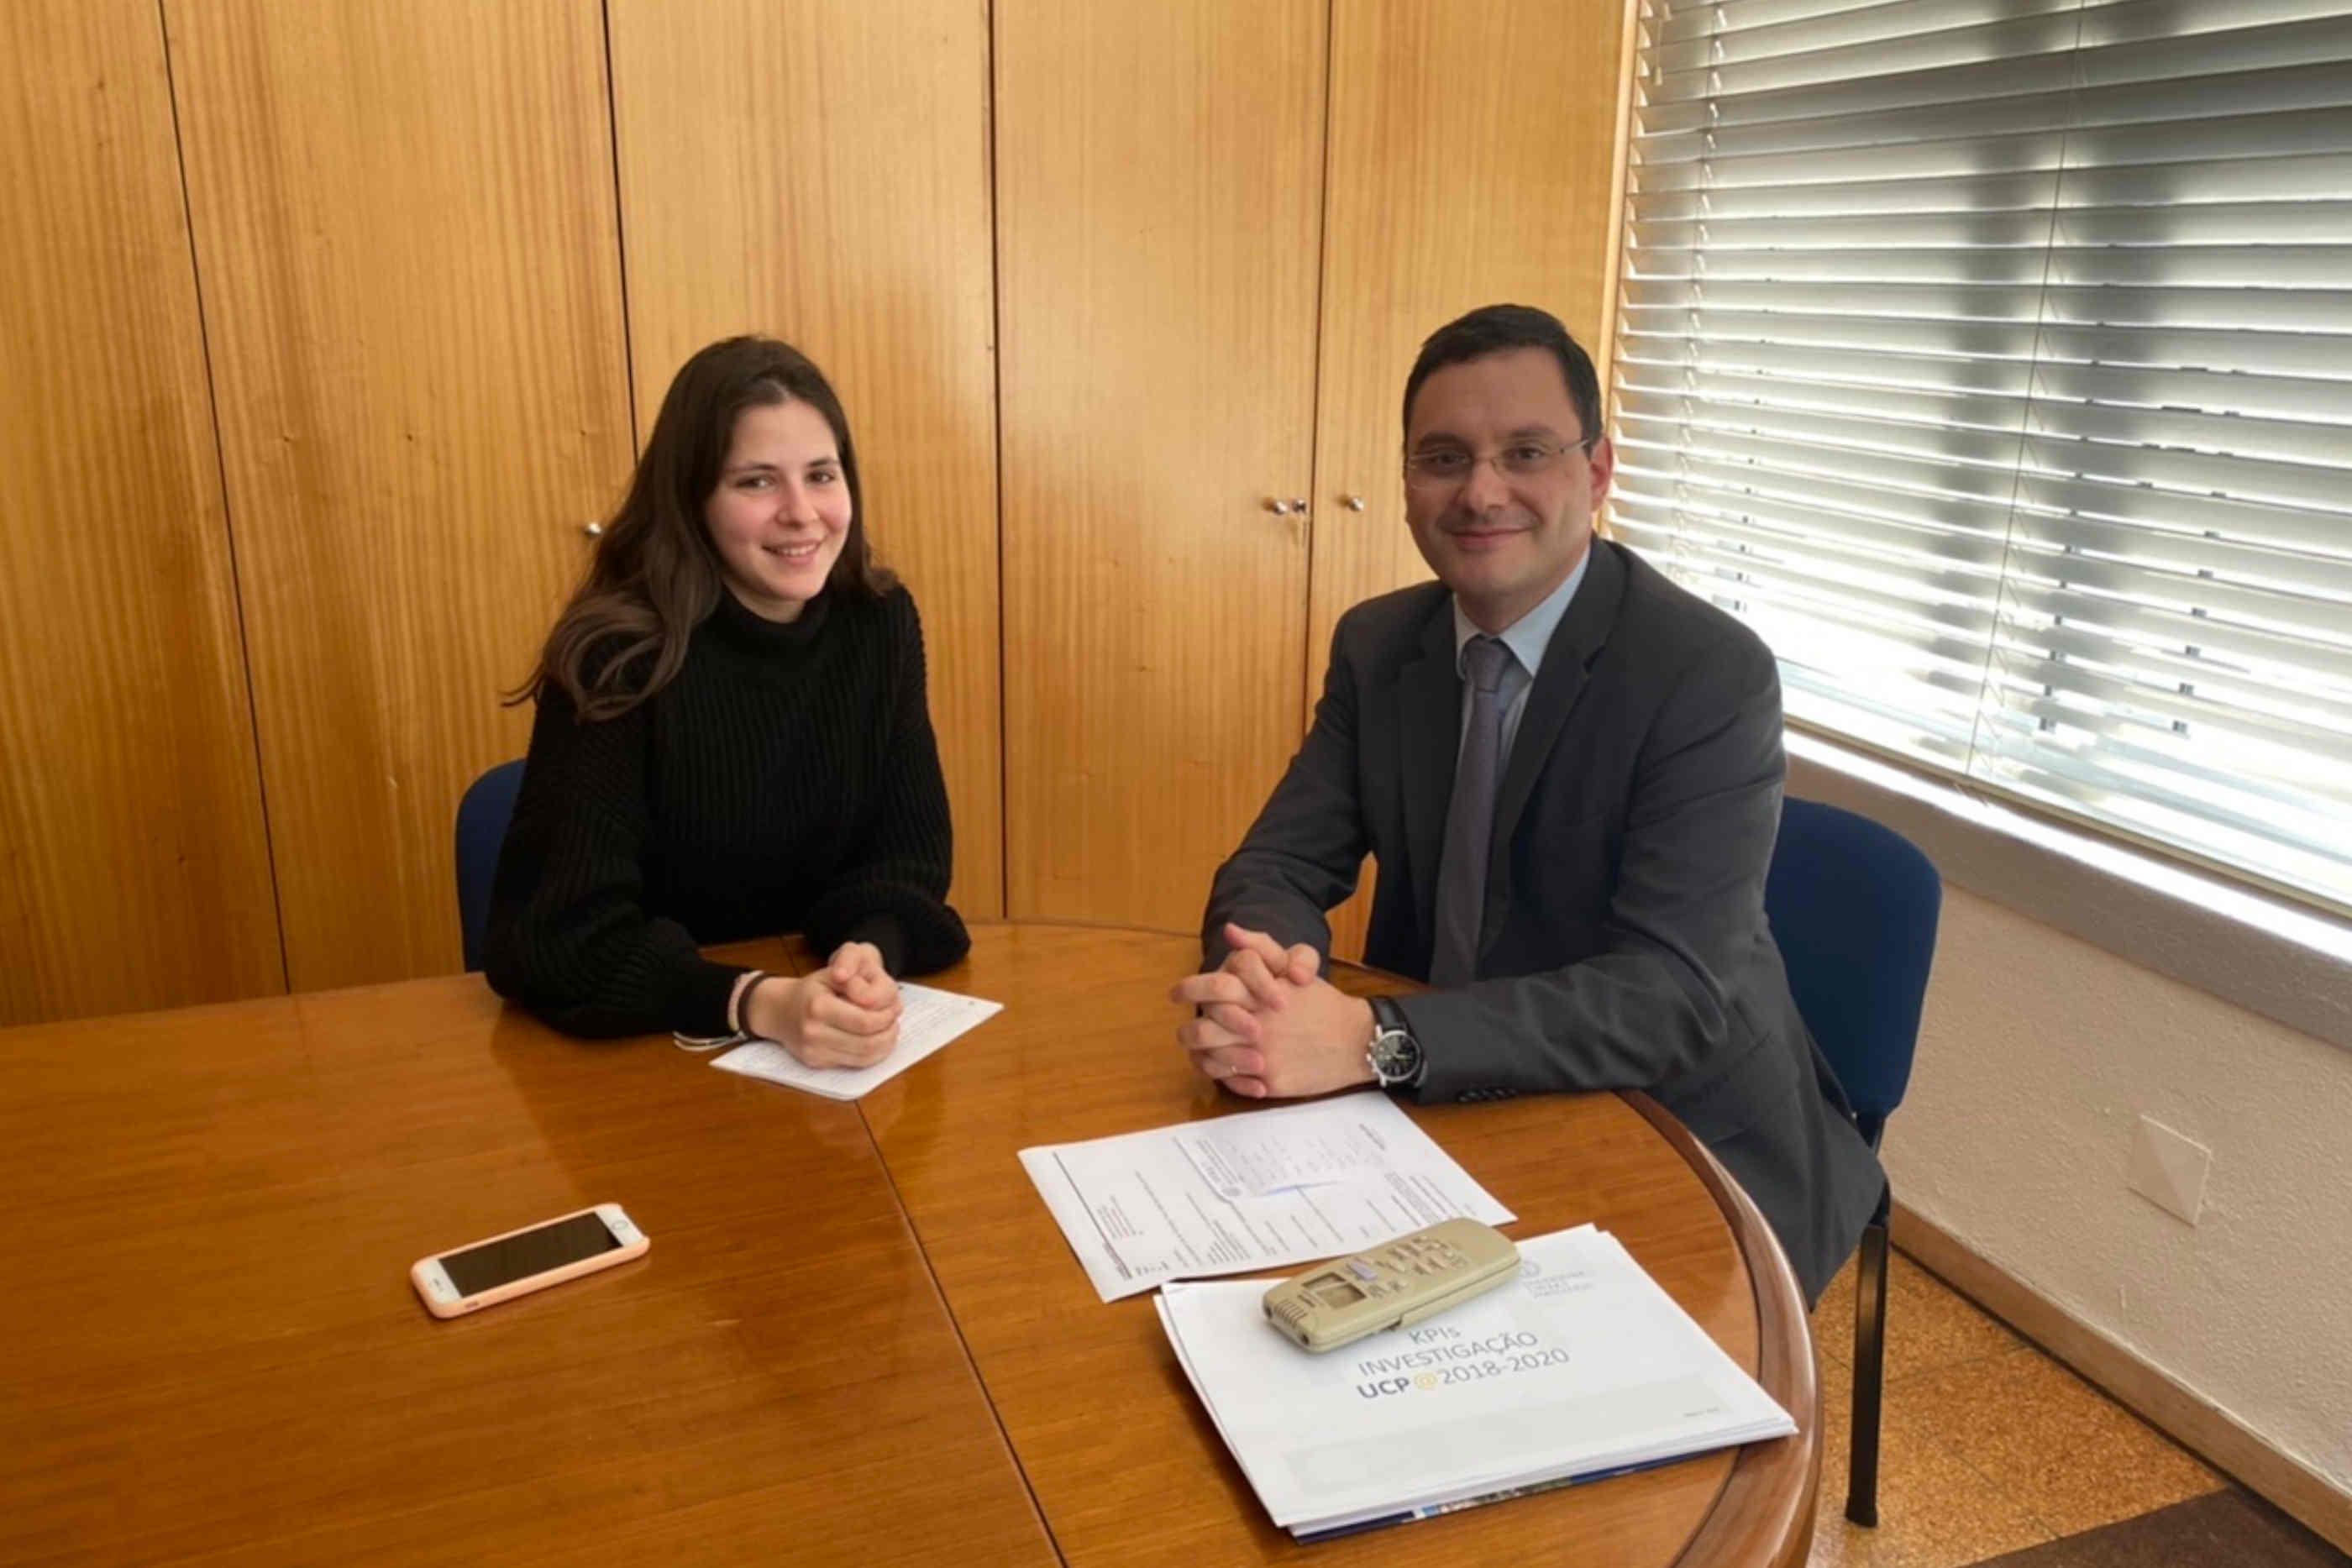 Ana Laura e Professor Nelson Ribeiro, ambos a sorrir, sentados junto à secretária do gabinete deste último.